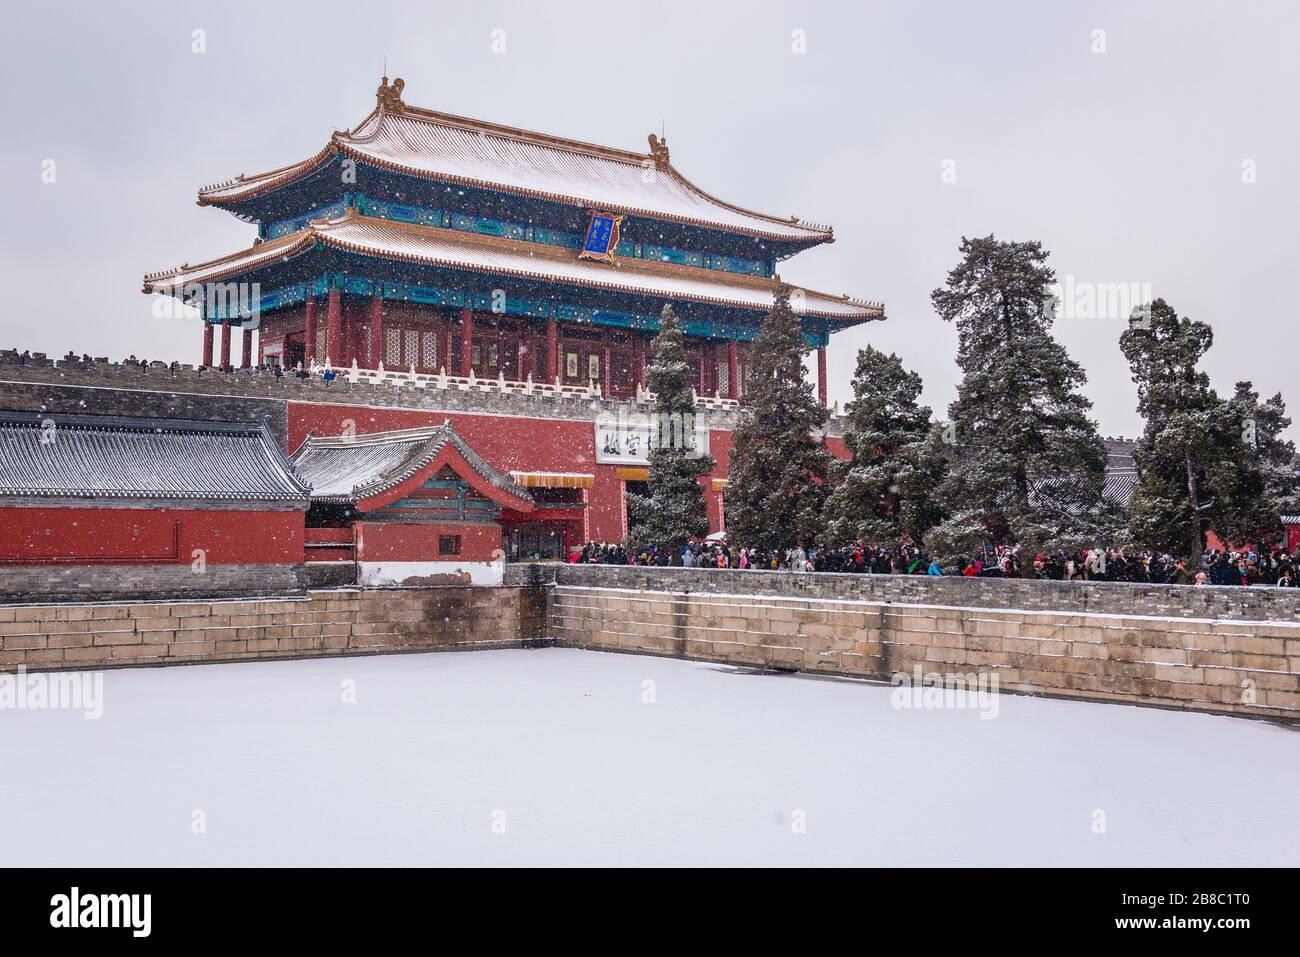 Shenwumen - Puerta de la proeza Divina también llamada Puerta del poder Divino - puerta norte y foso del complejo del palacio de la Ciudad Prohibida en Beijing, China Foto de stock